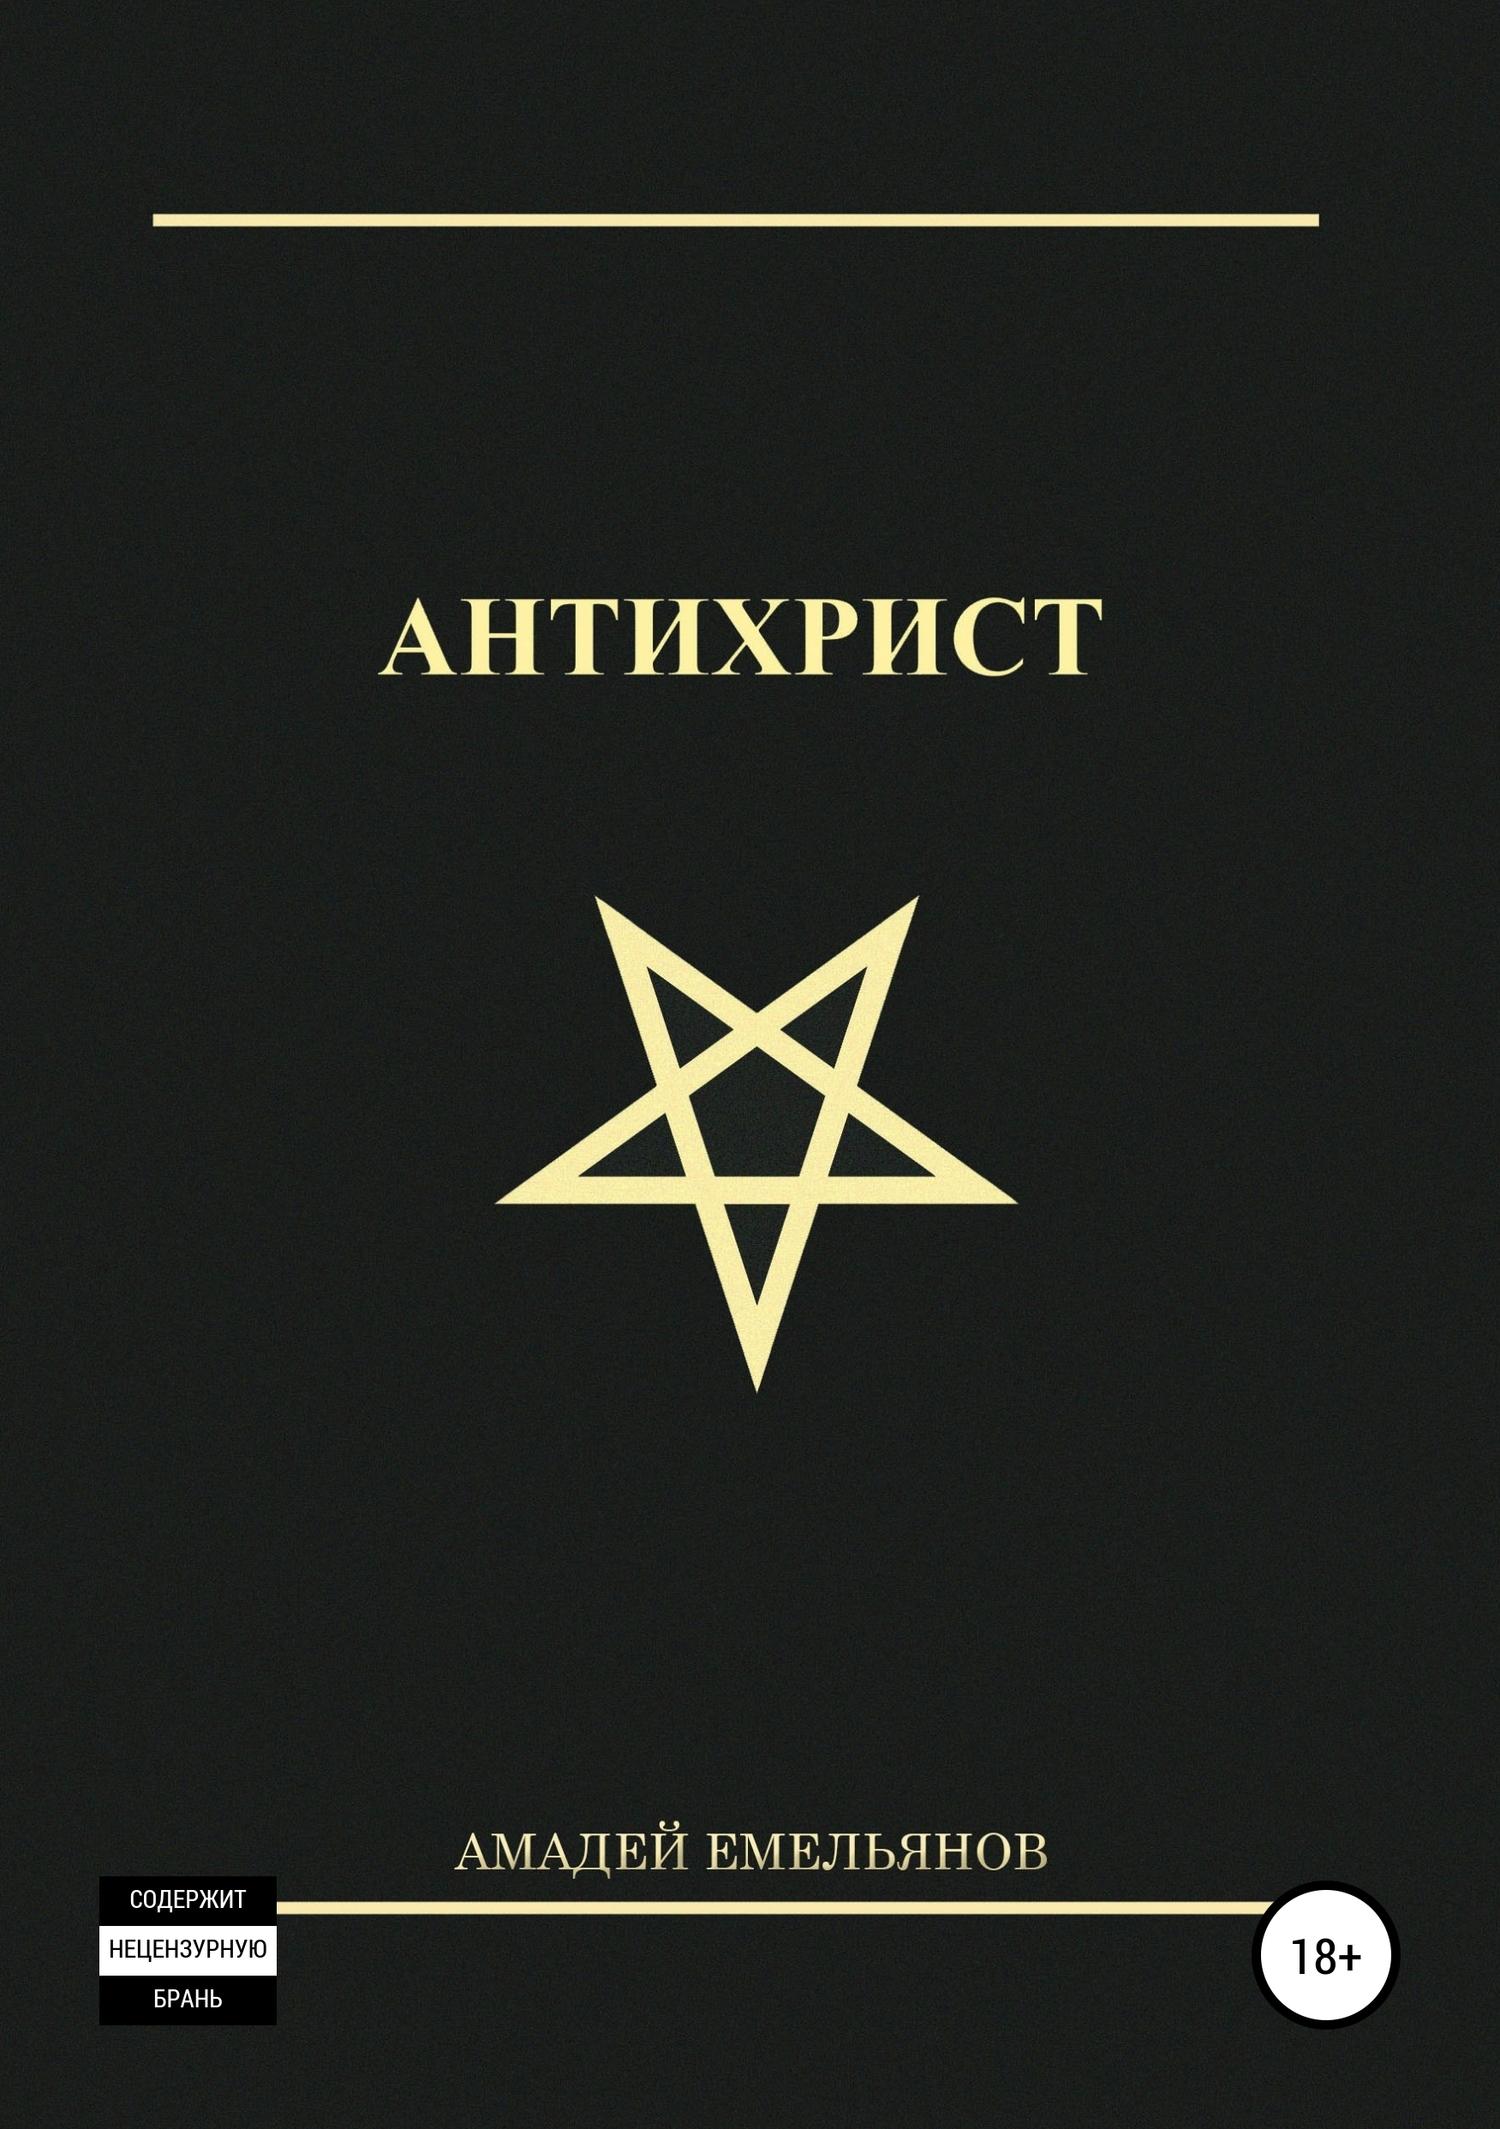 Амадей Емельянов - Антихрист